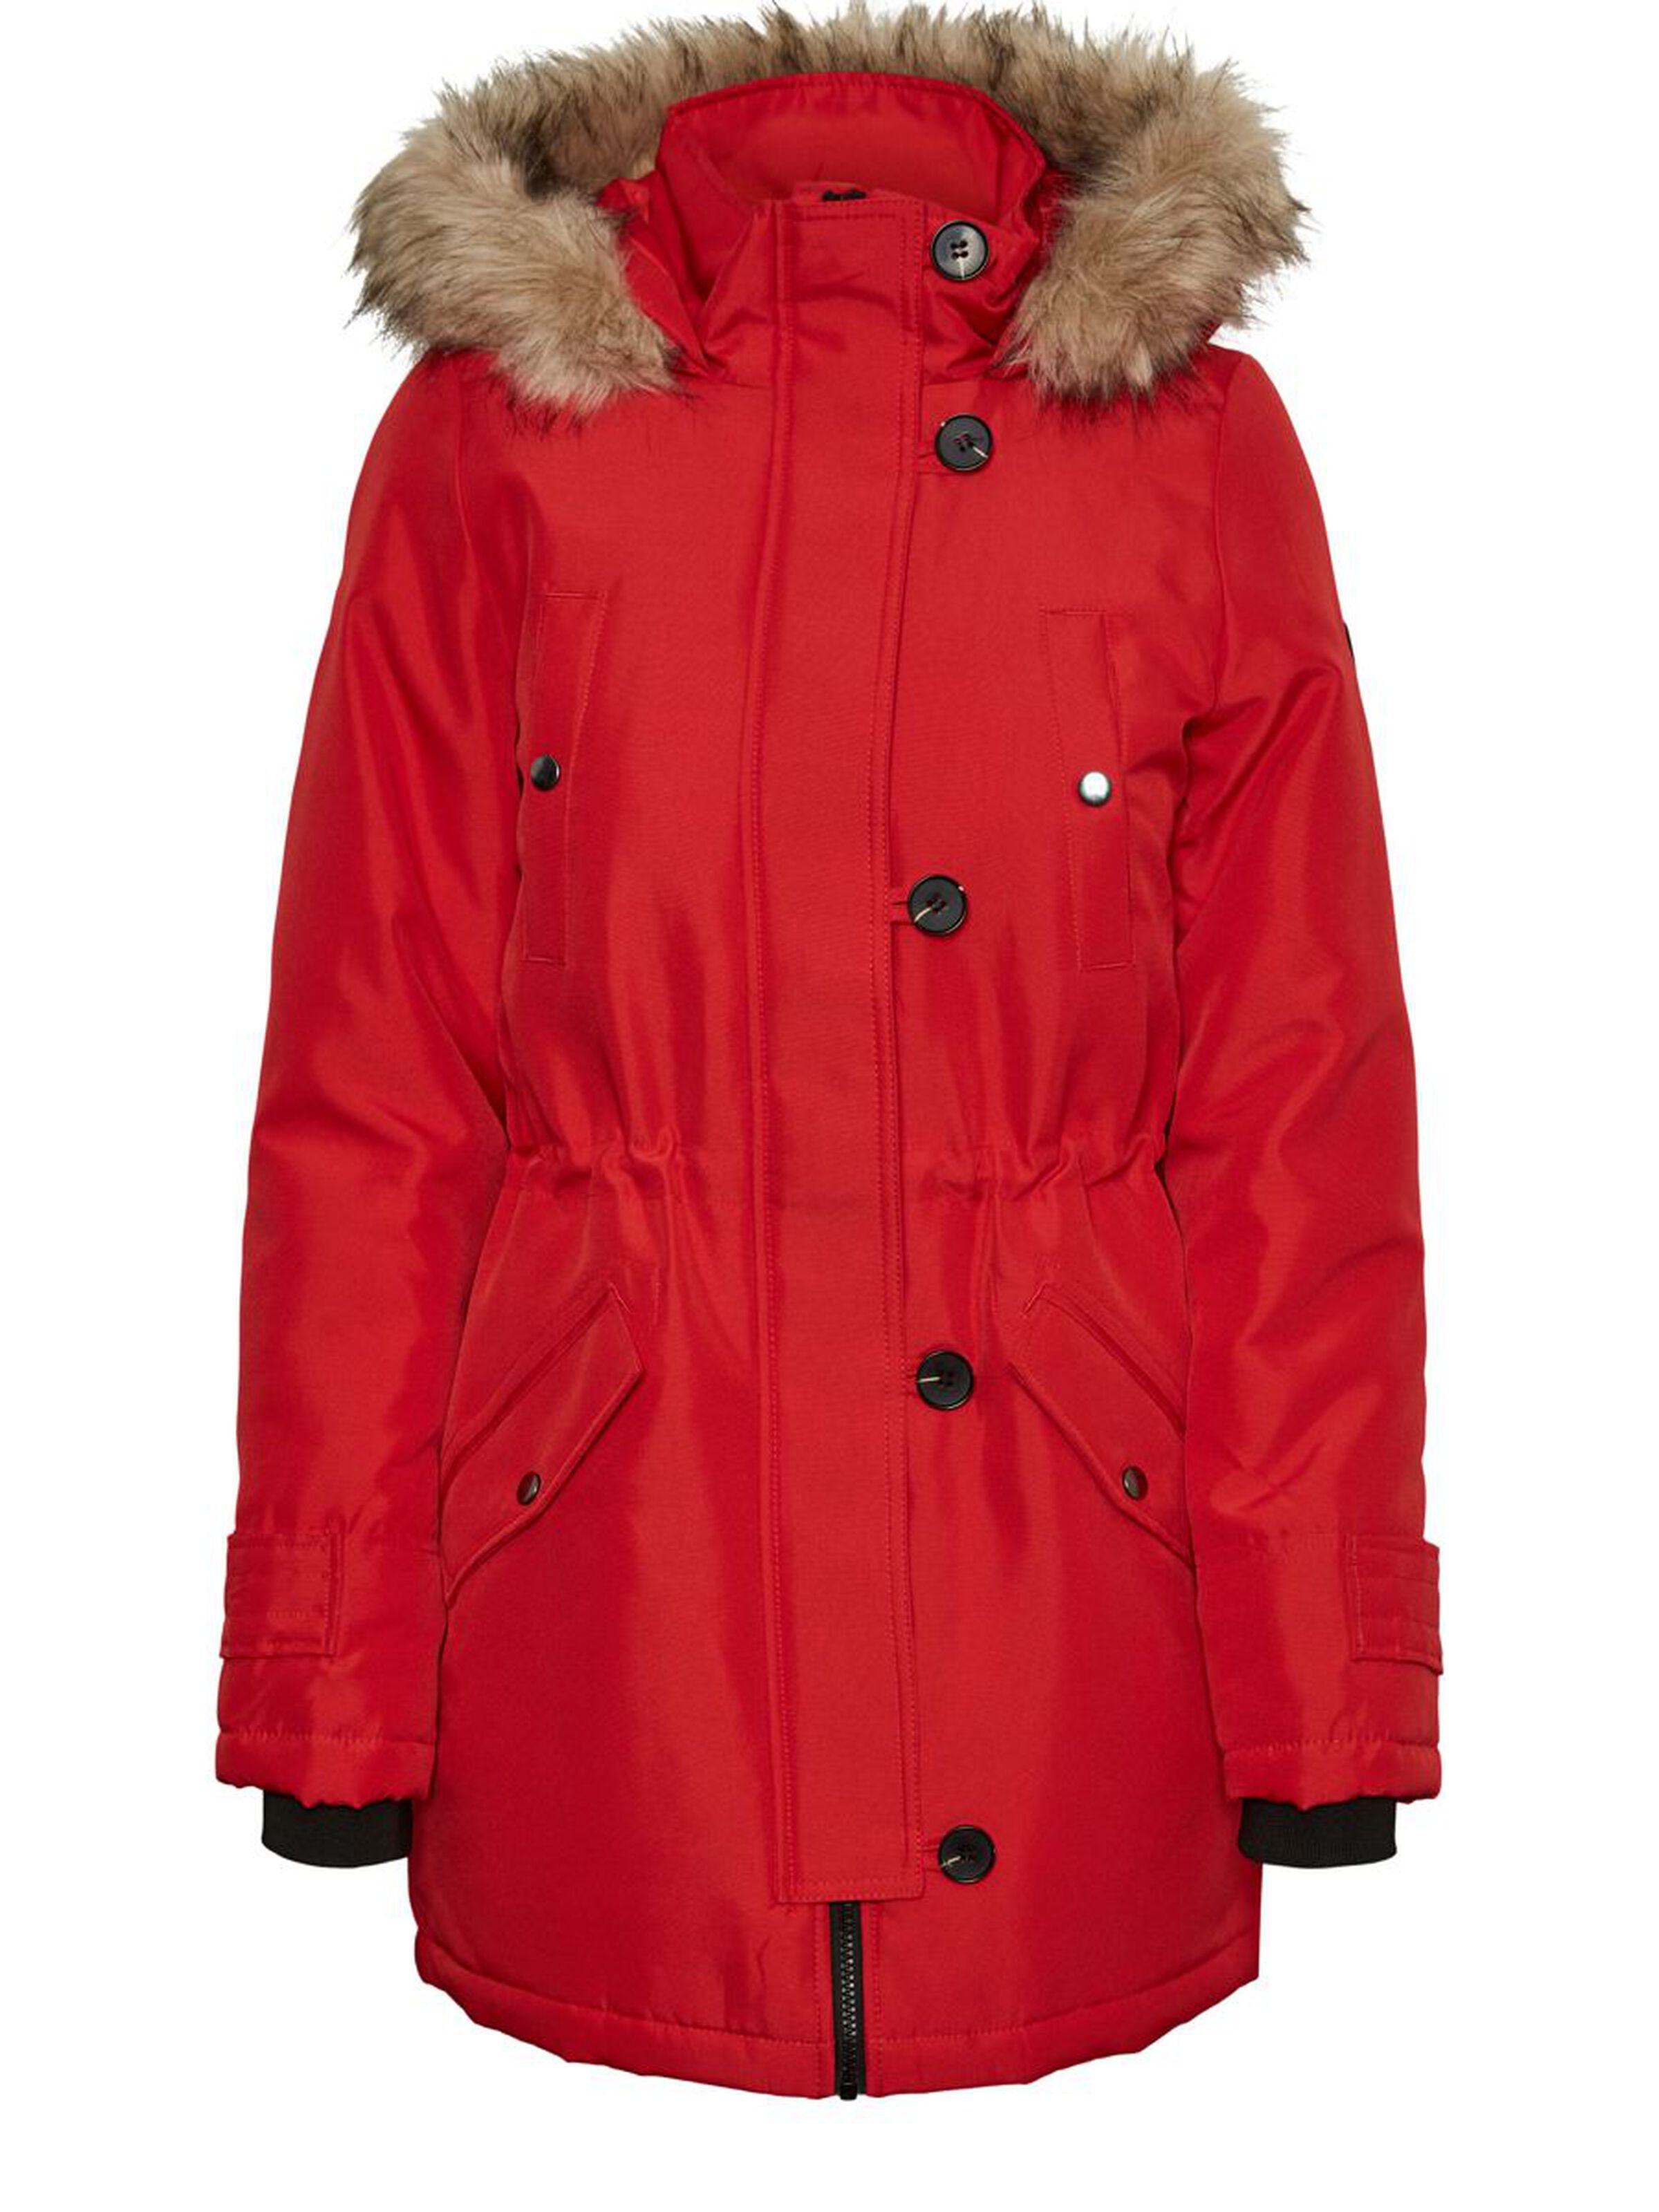 Vero Moda dámská zimní parka Excursion červená